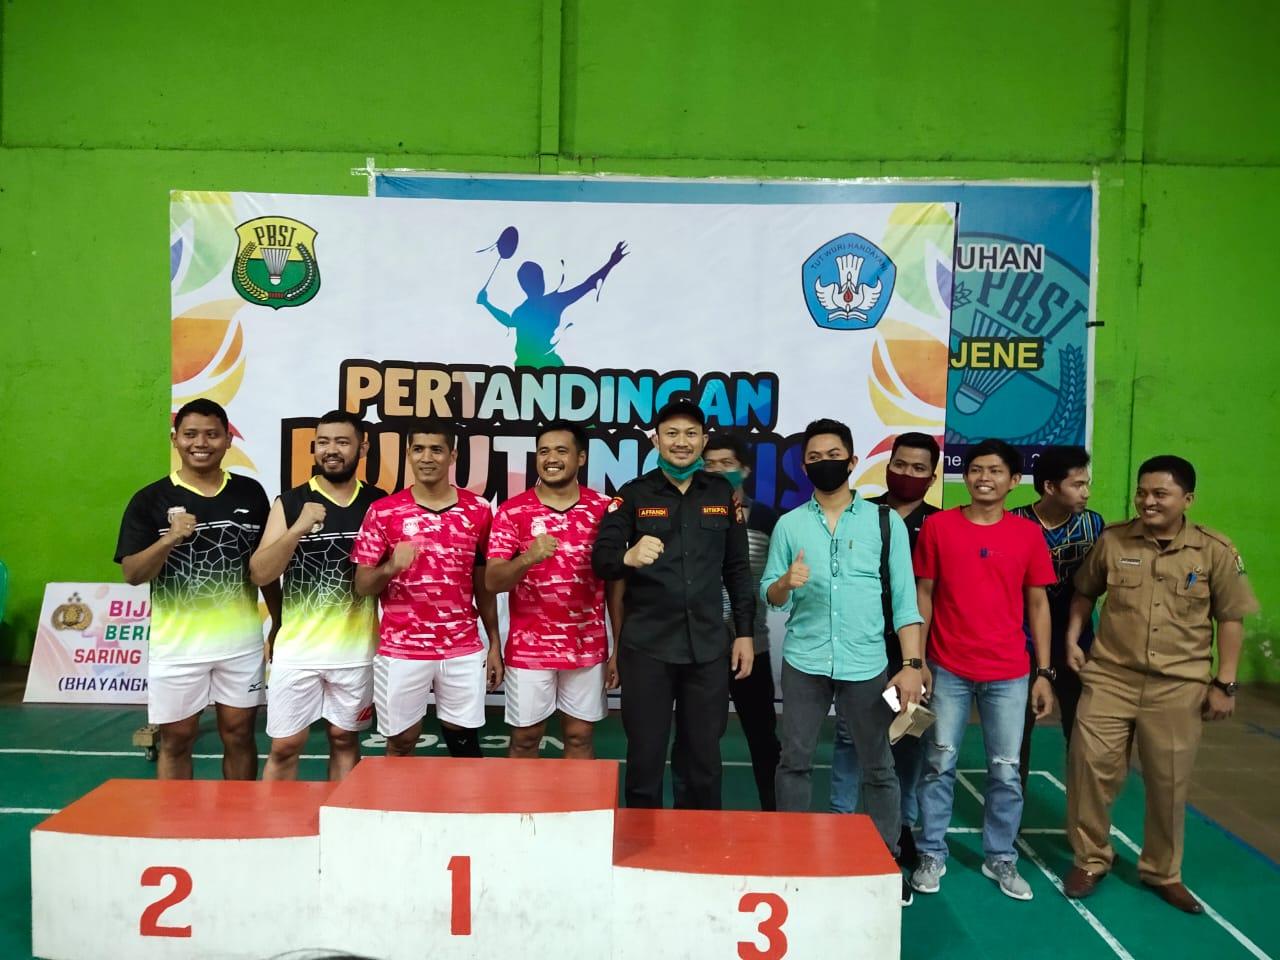 Gambar Mantap, Tim Bhayangkara Sabet Juara 1 dan 3 Turnamen Bulutangkis